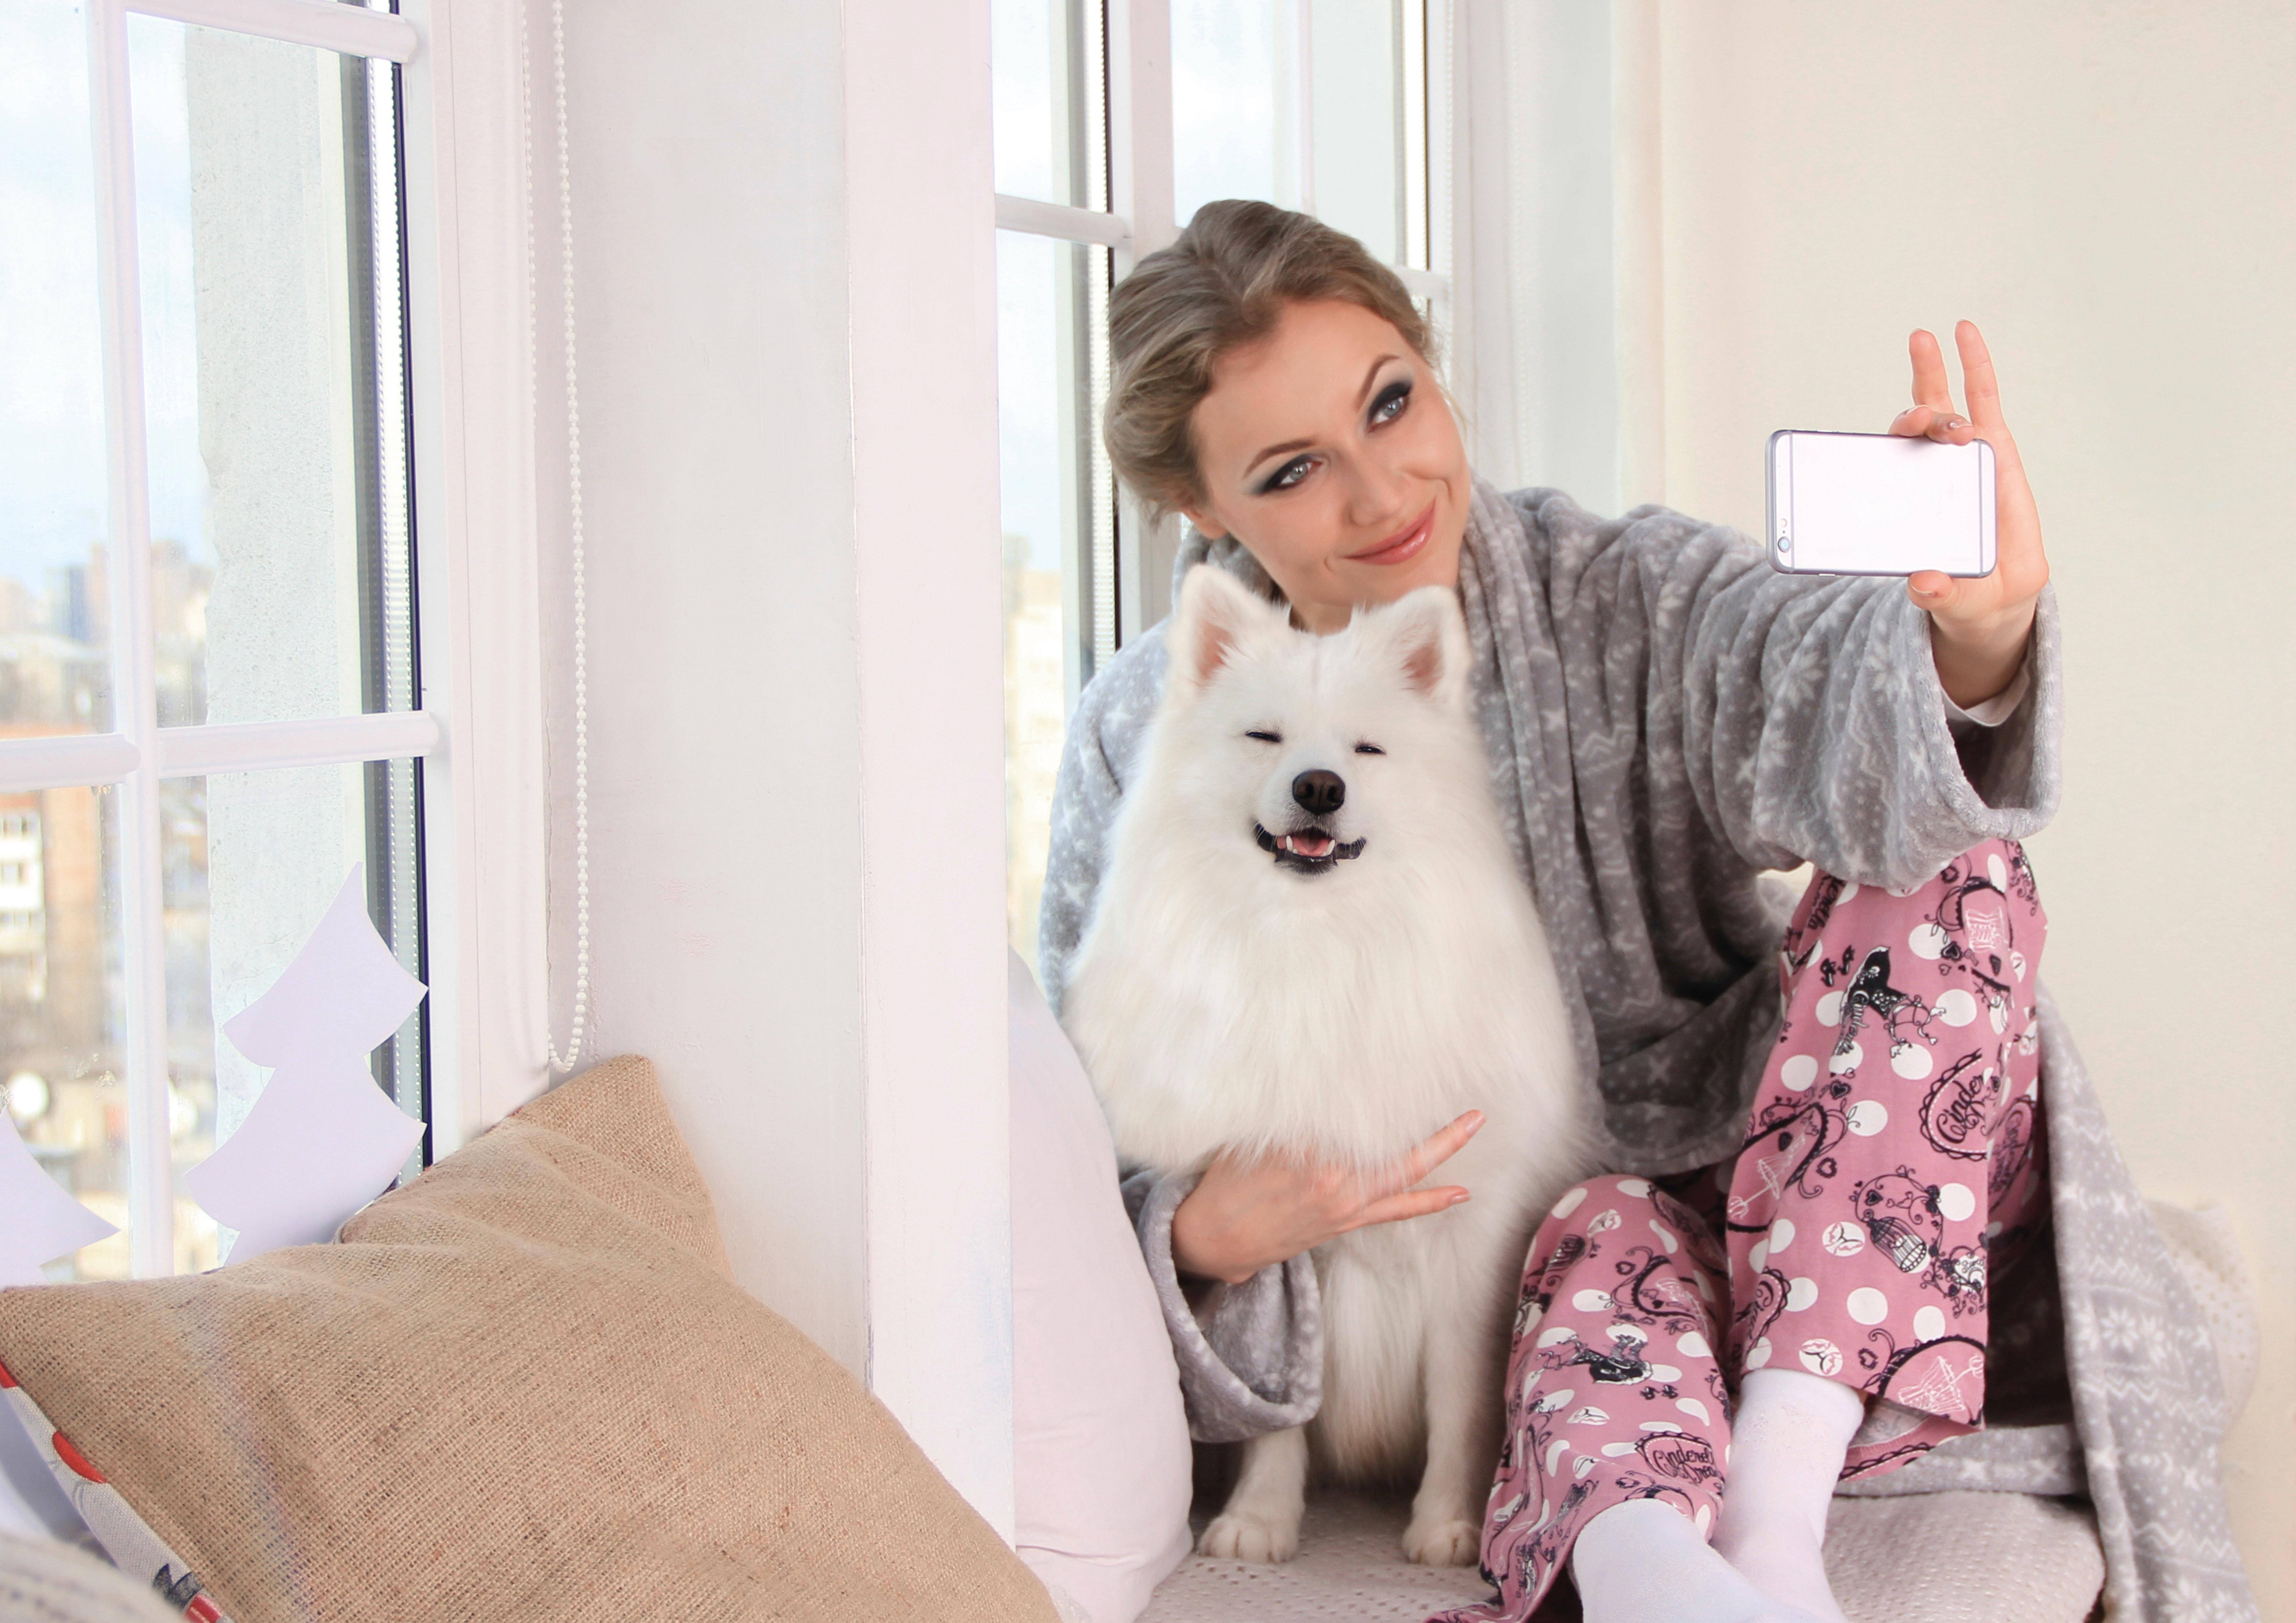 dziewczyny w piżamie z psem, robi selfie przy oknie mieszkania